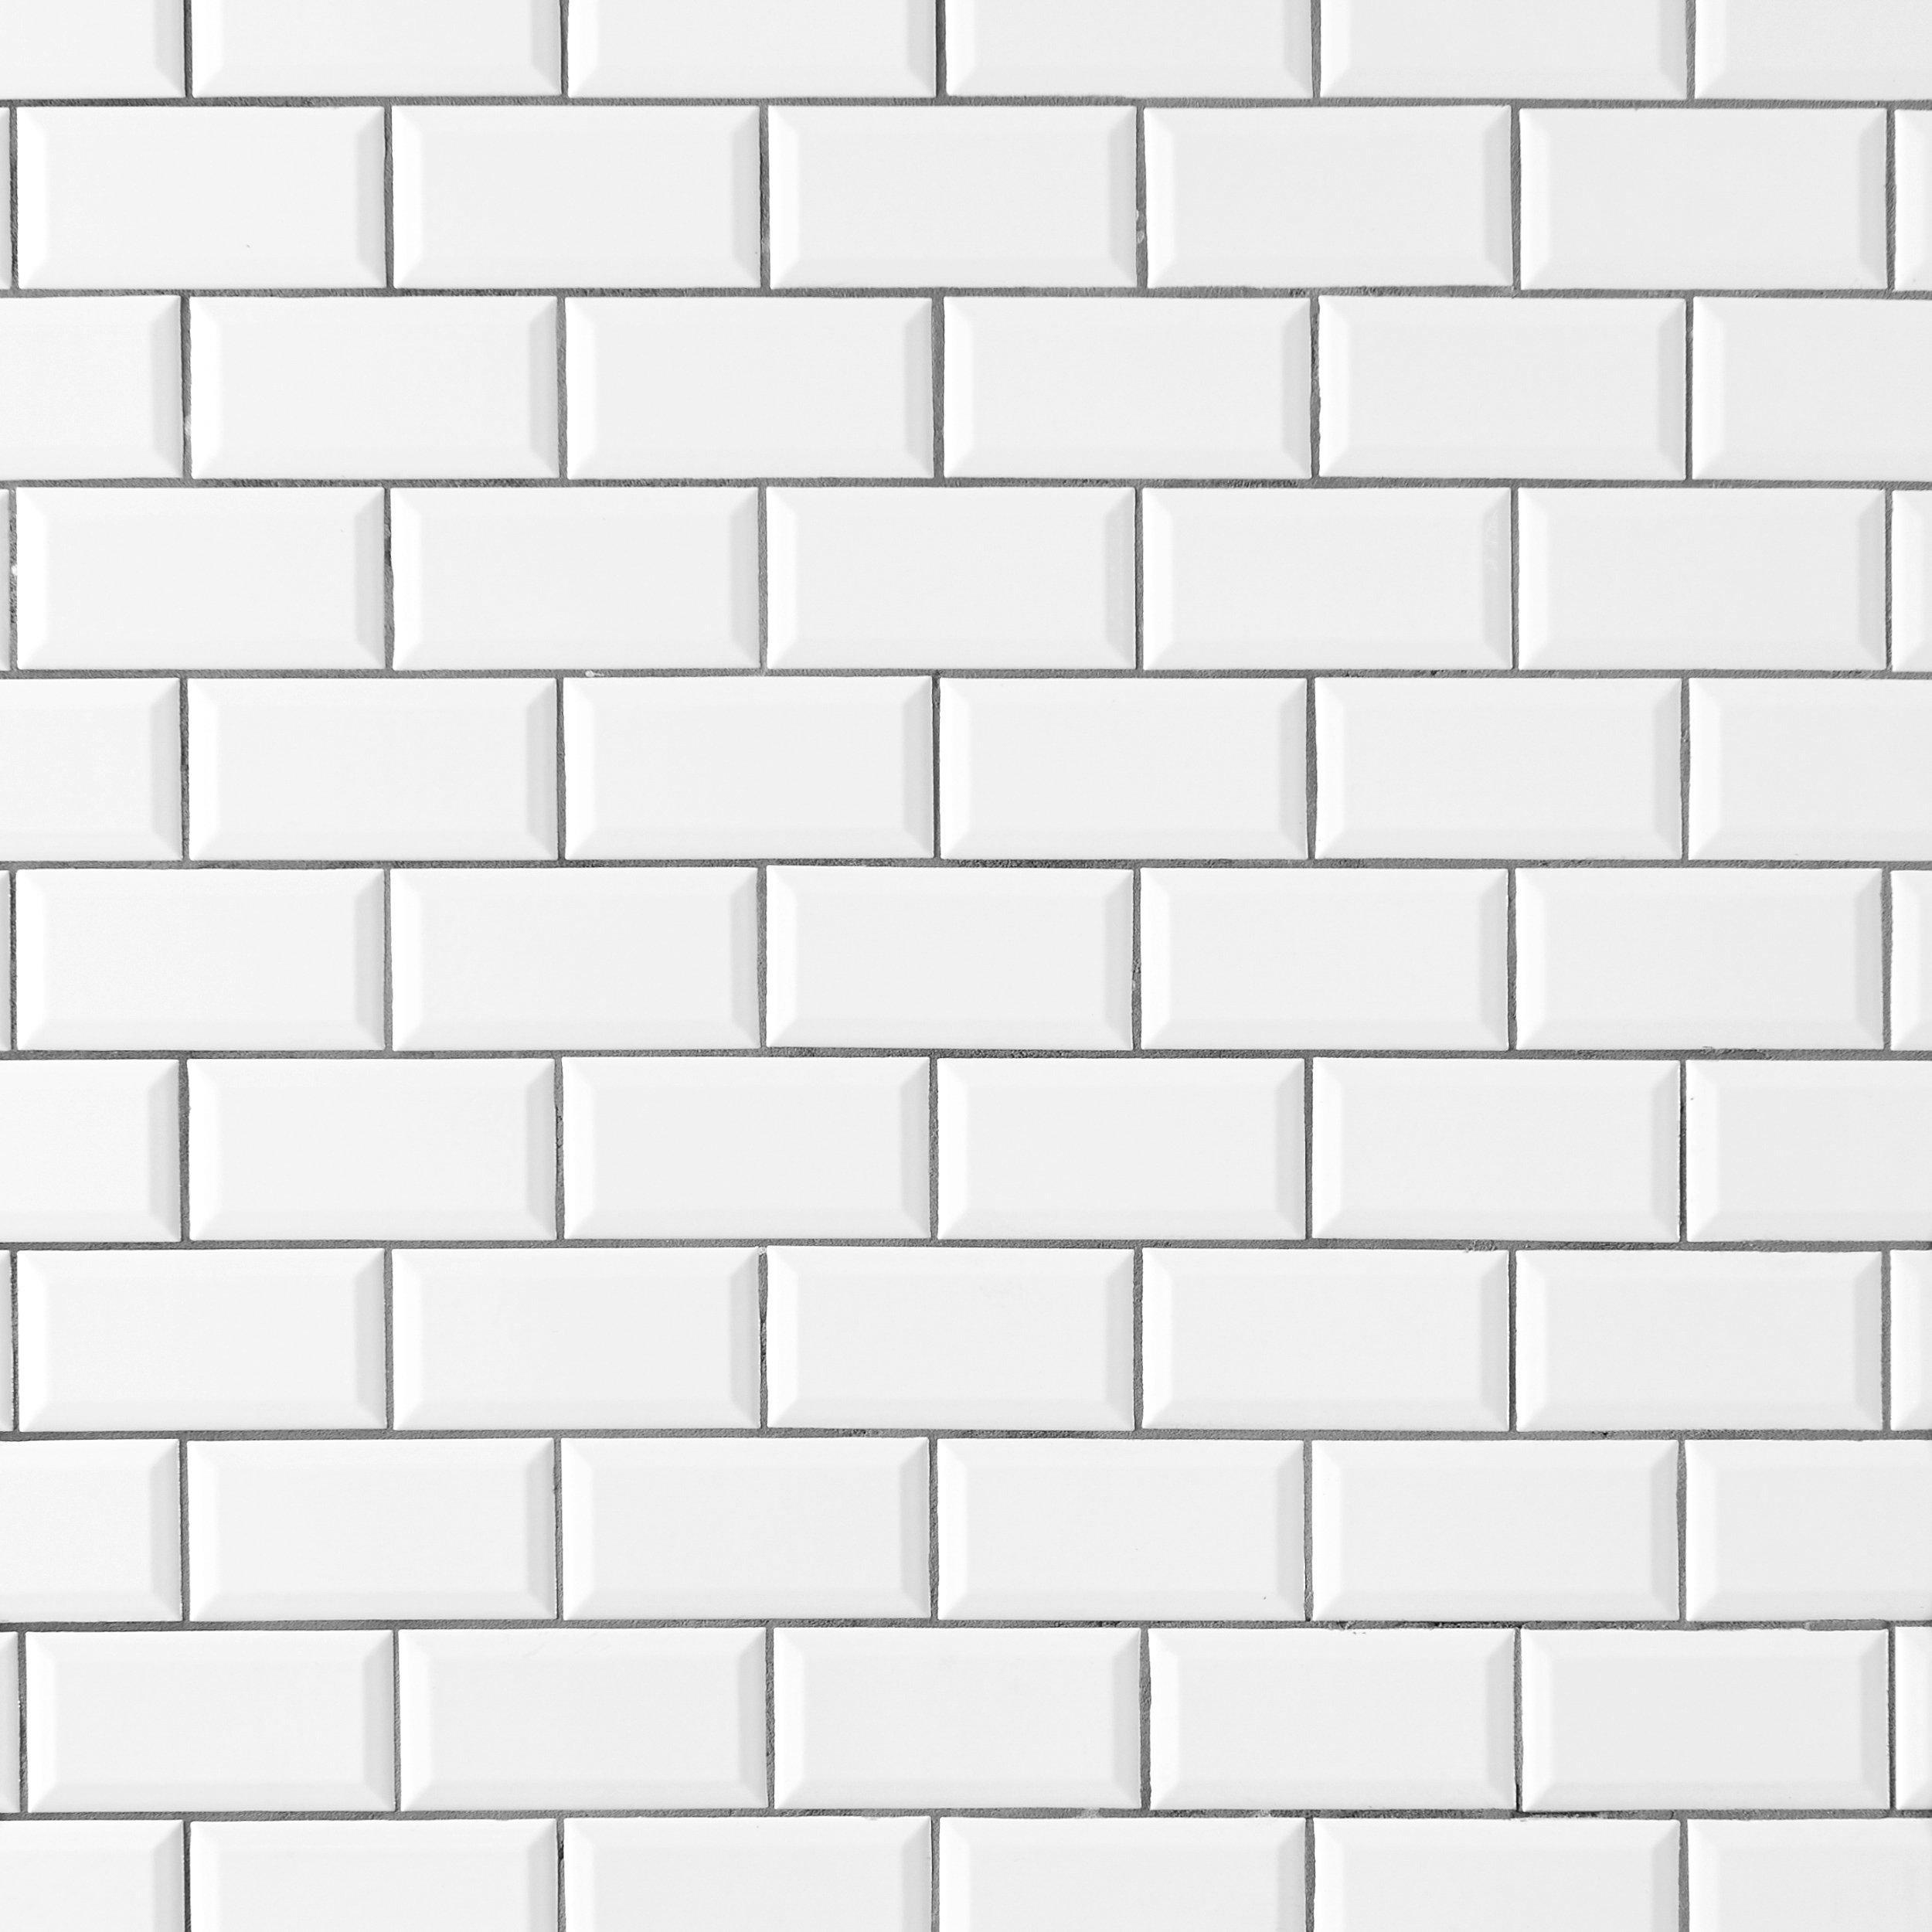 festival bright white ice beveled ceramic wall tile